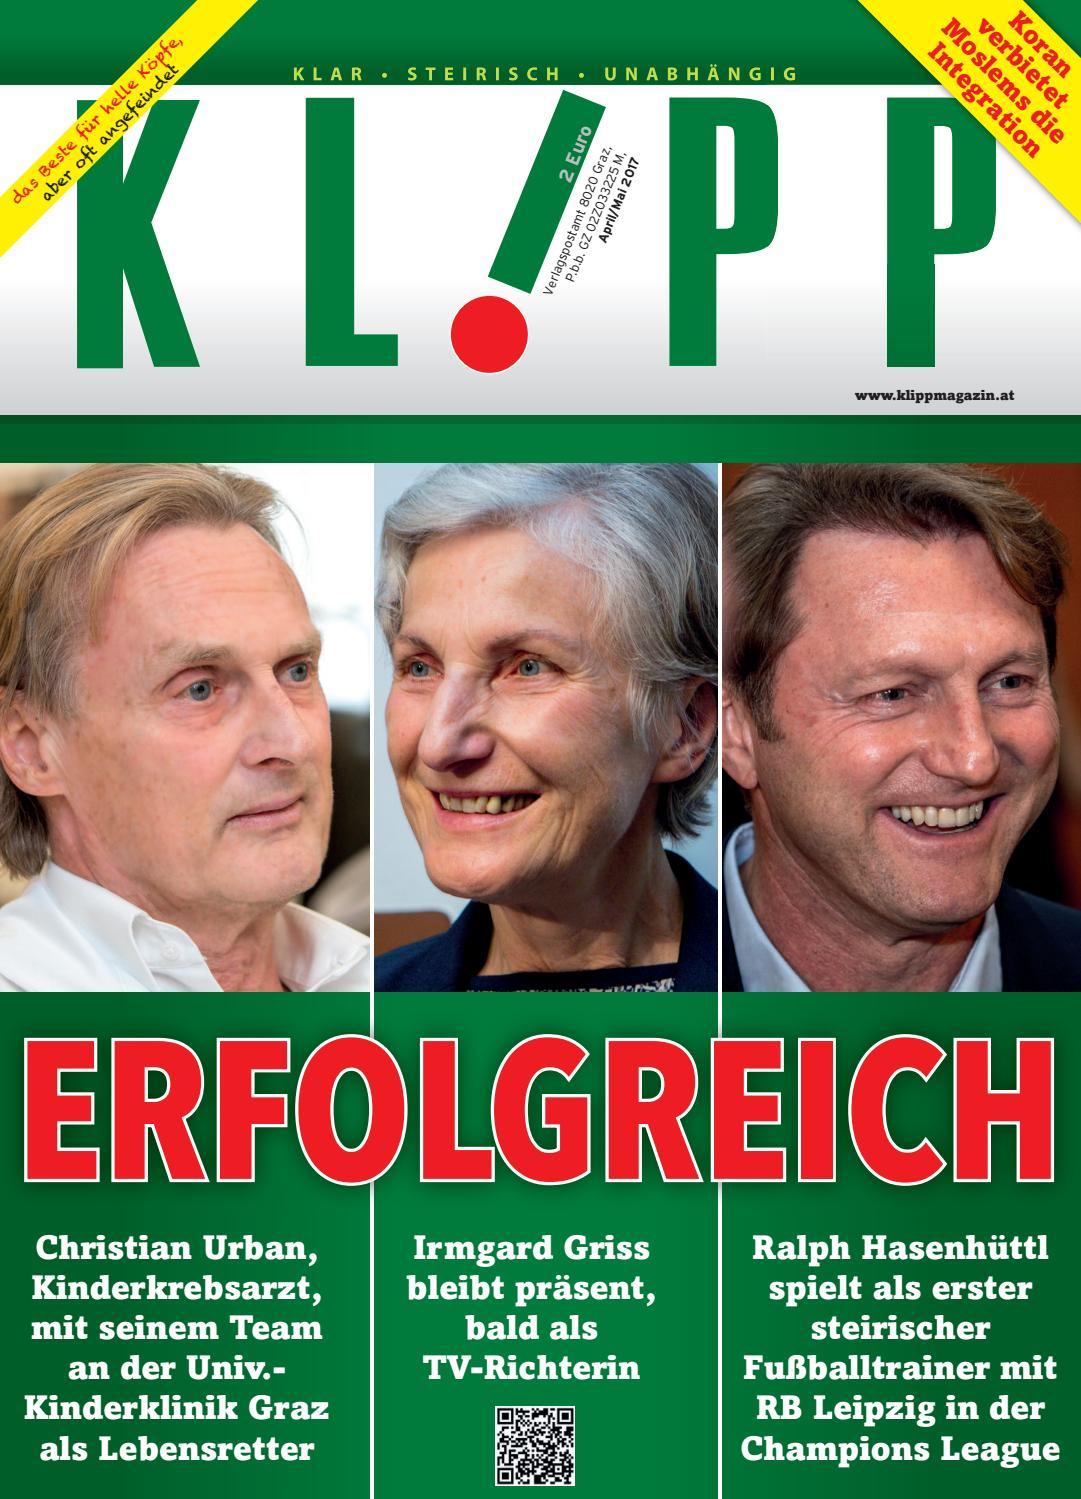 Zellerndorf mdchen kennenlernen: Pllauberg kostenlos